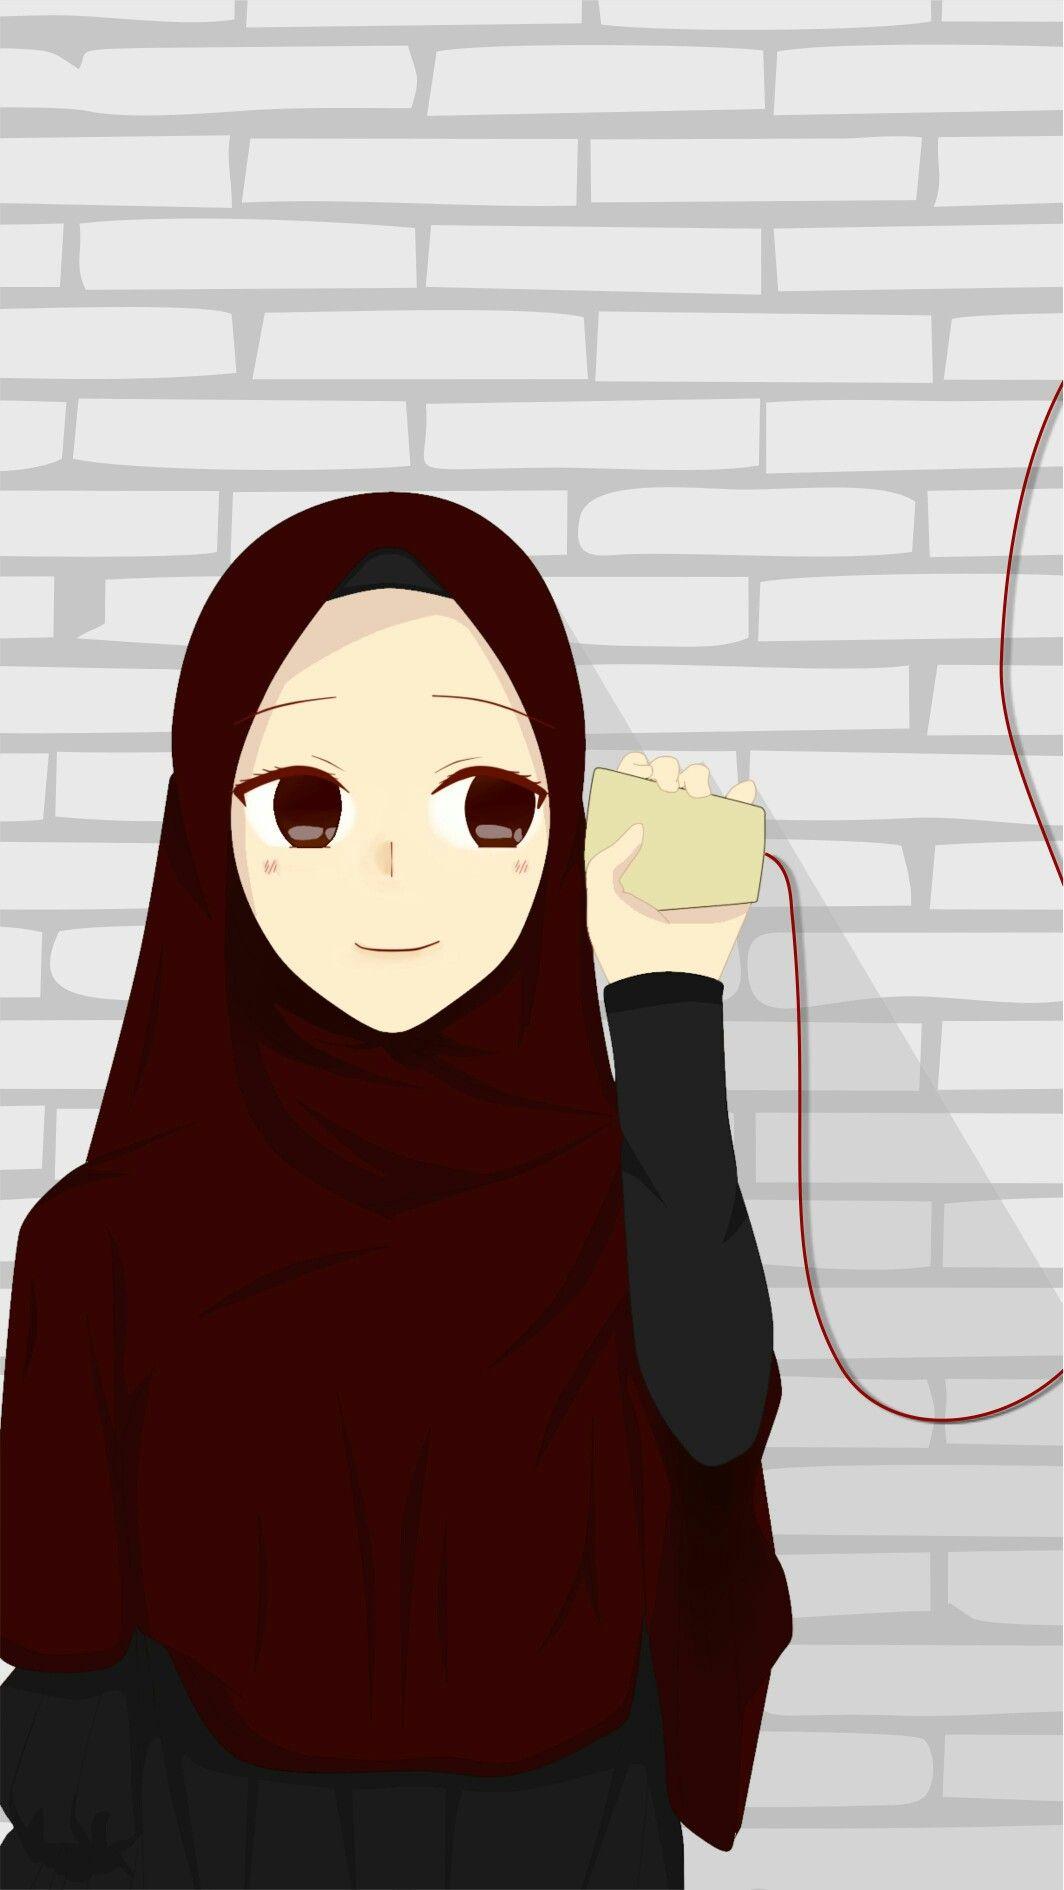 Foto Profil Kartun Ambyar 1